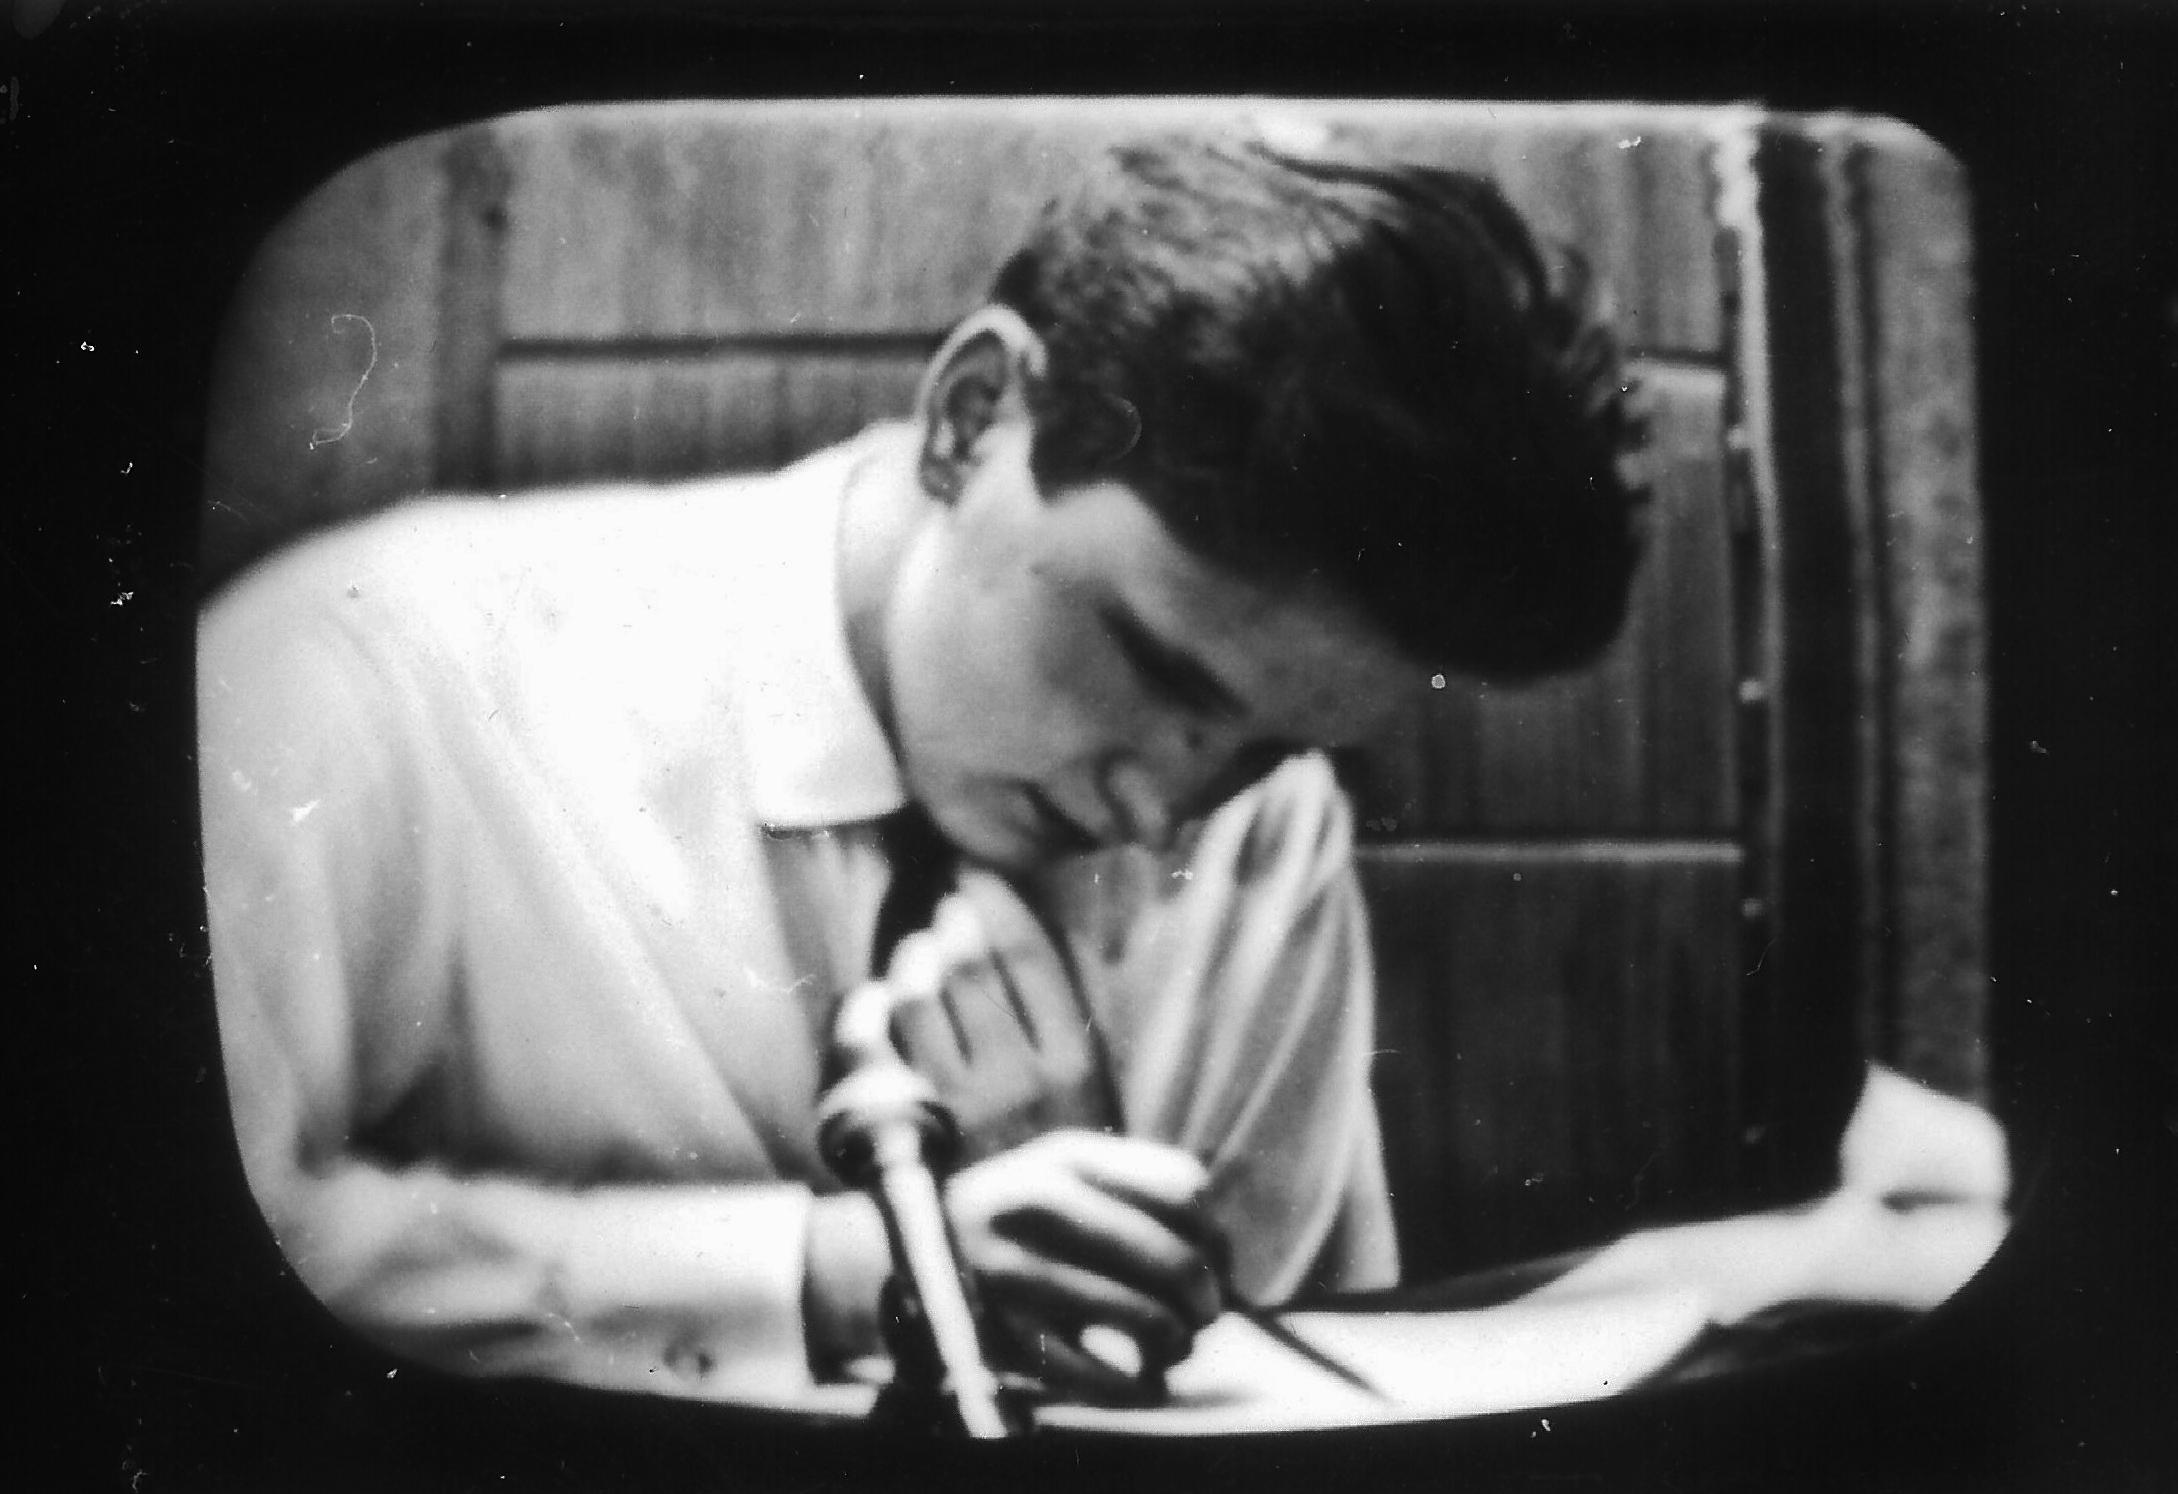 1966-tv-lovász-lászló.jpg